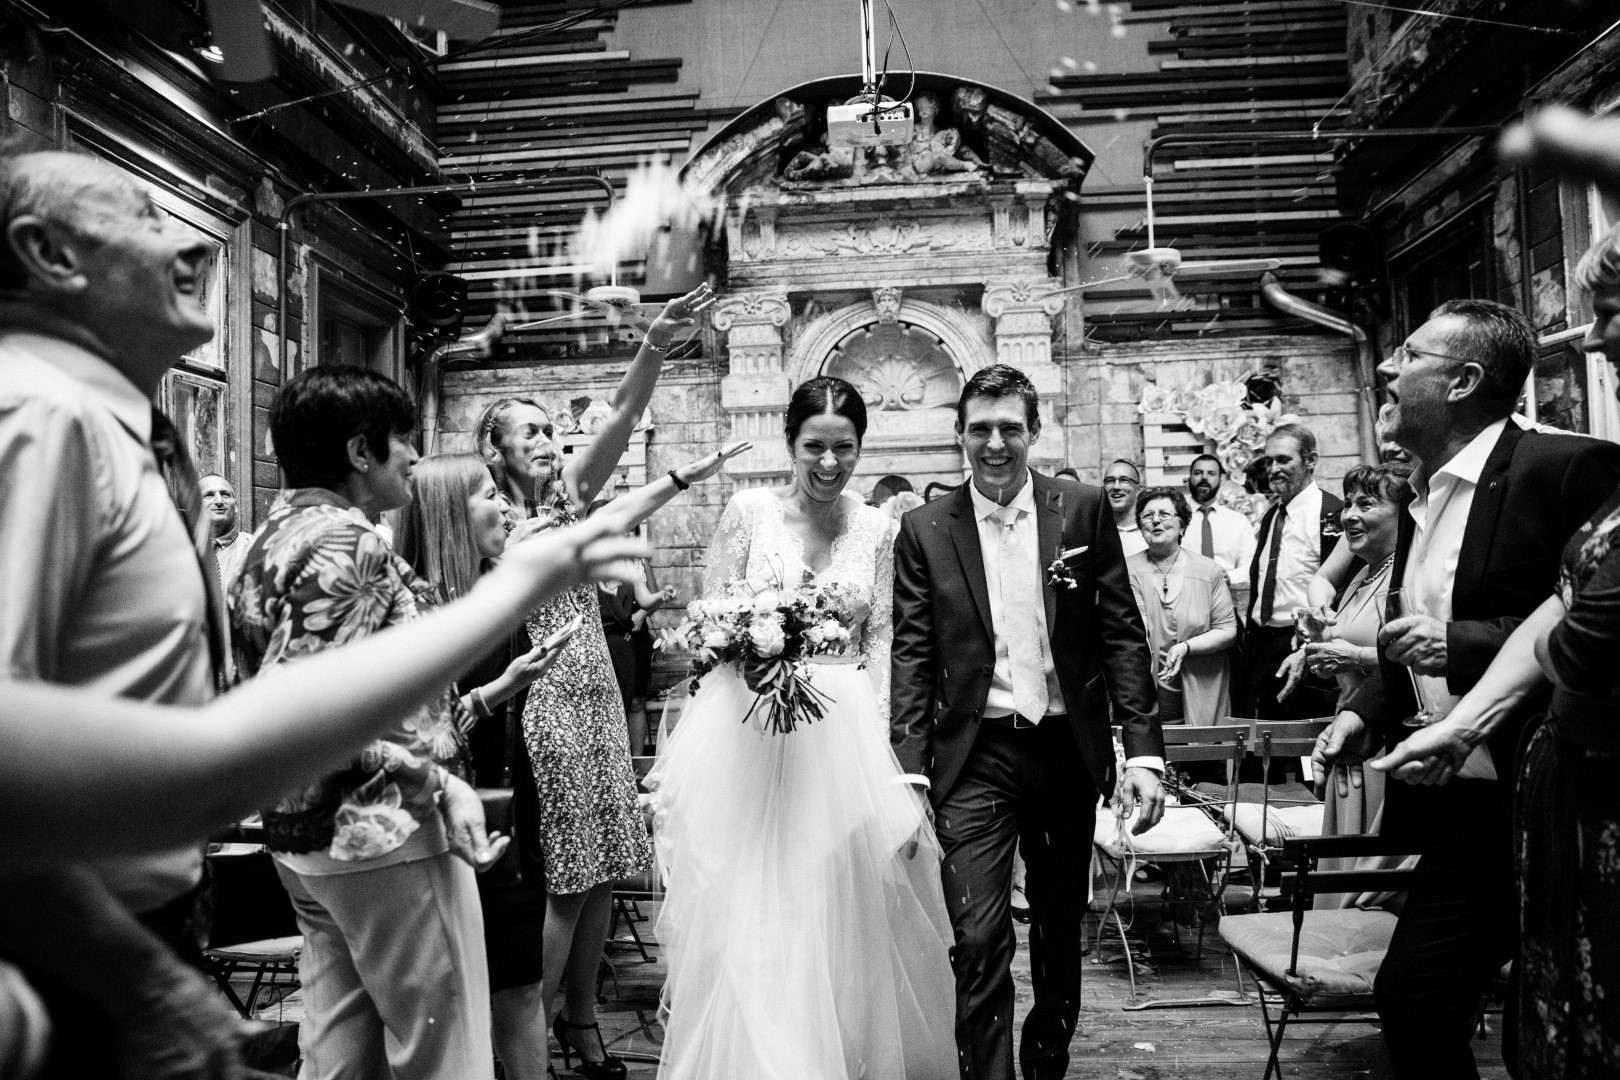 ,Brody Studios,daalarna esküvő,esküvő,valódia esküvő,esküvő daalarna ruhában,flow art dekor,daalarna ruha,brody studios,wild flower bar,török bognár reni,